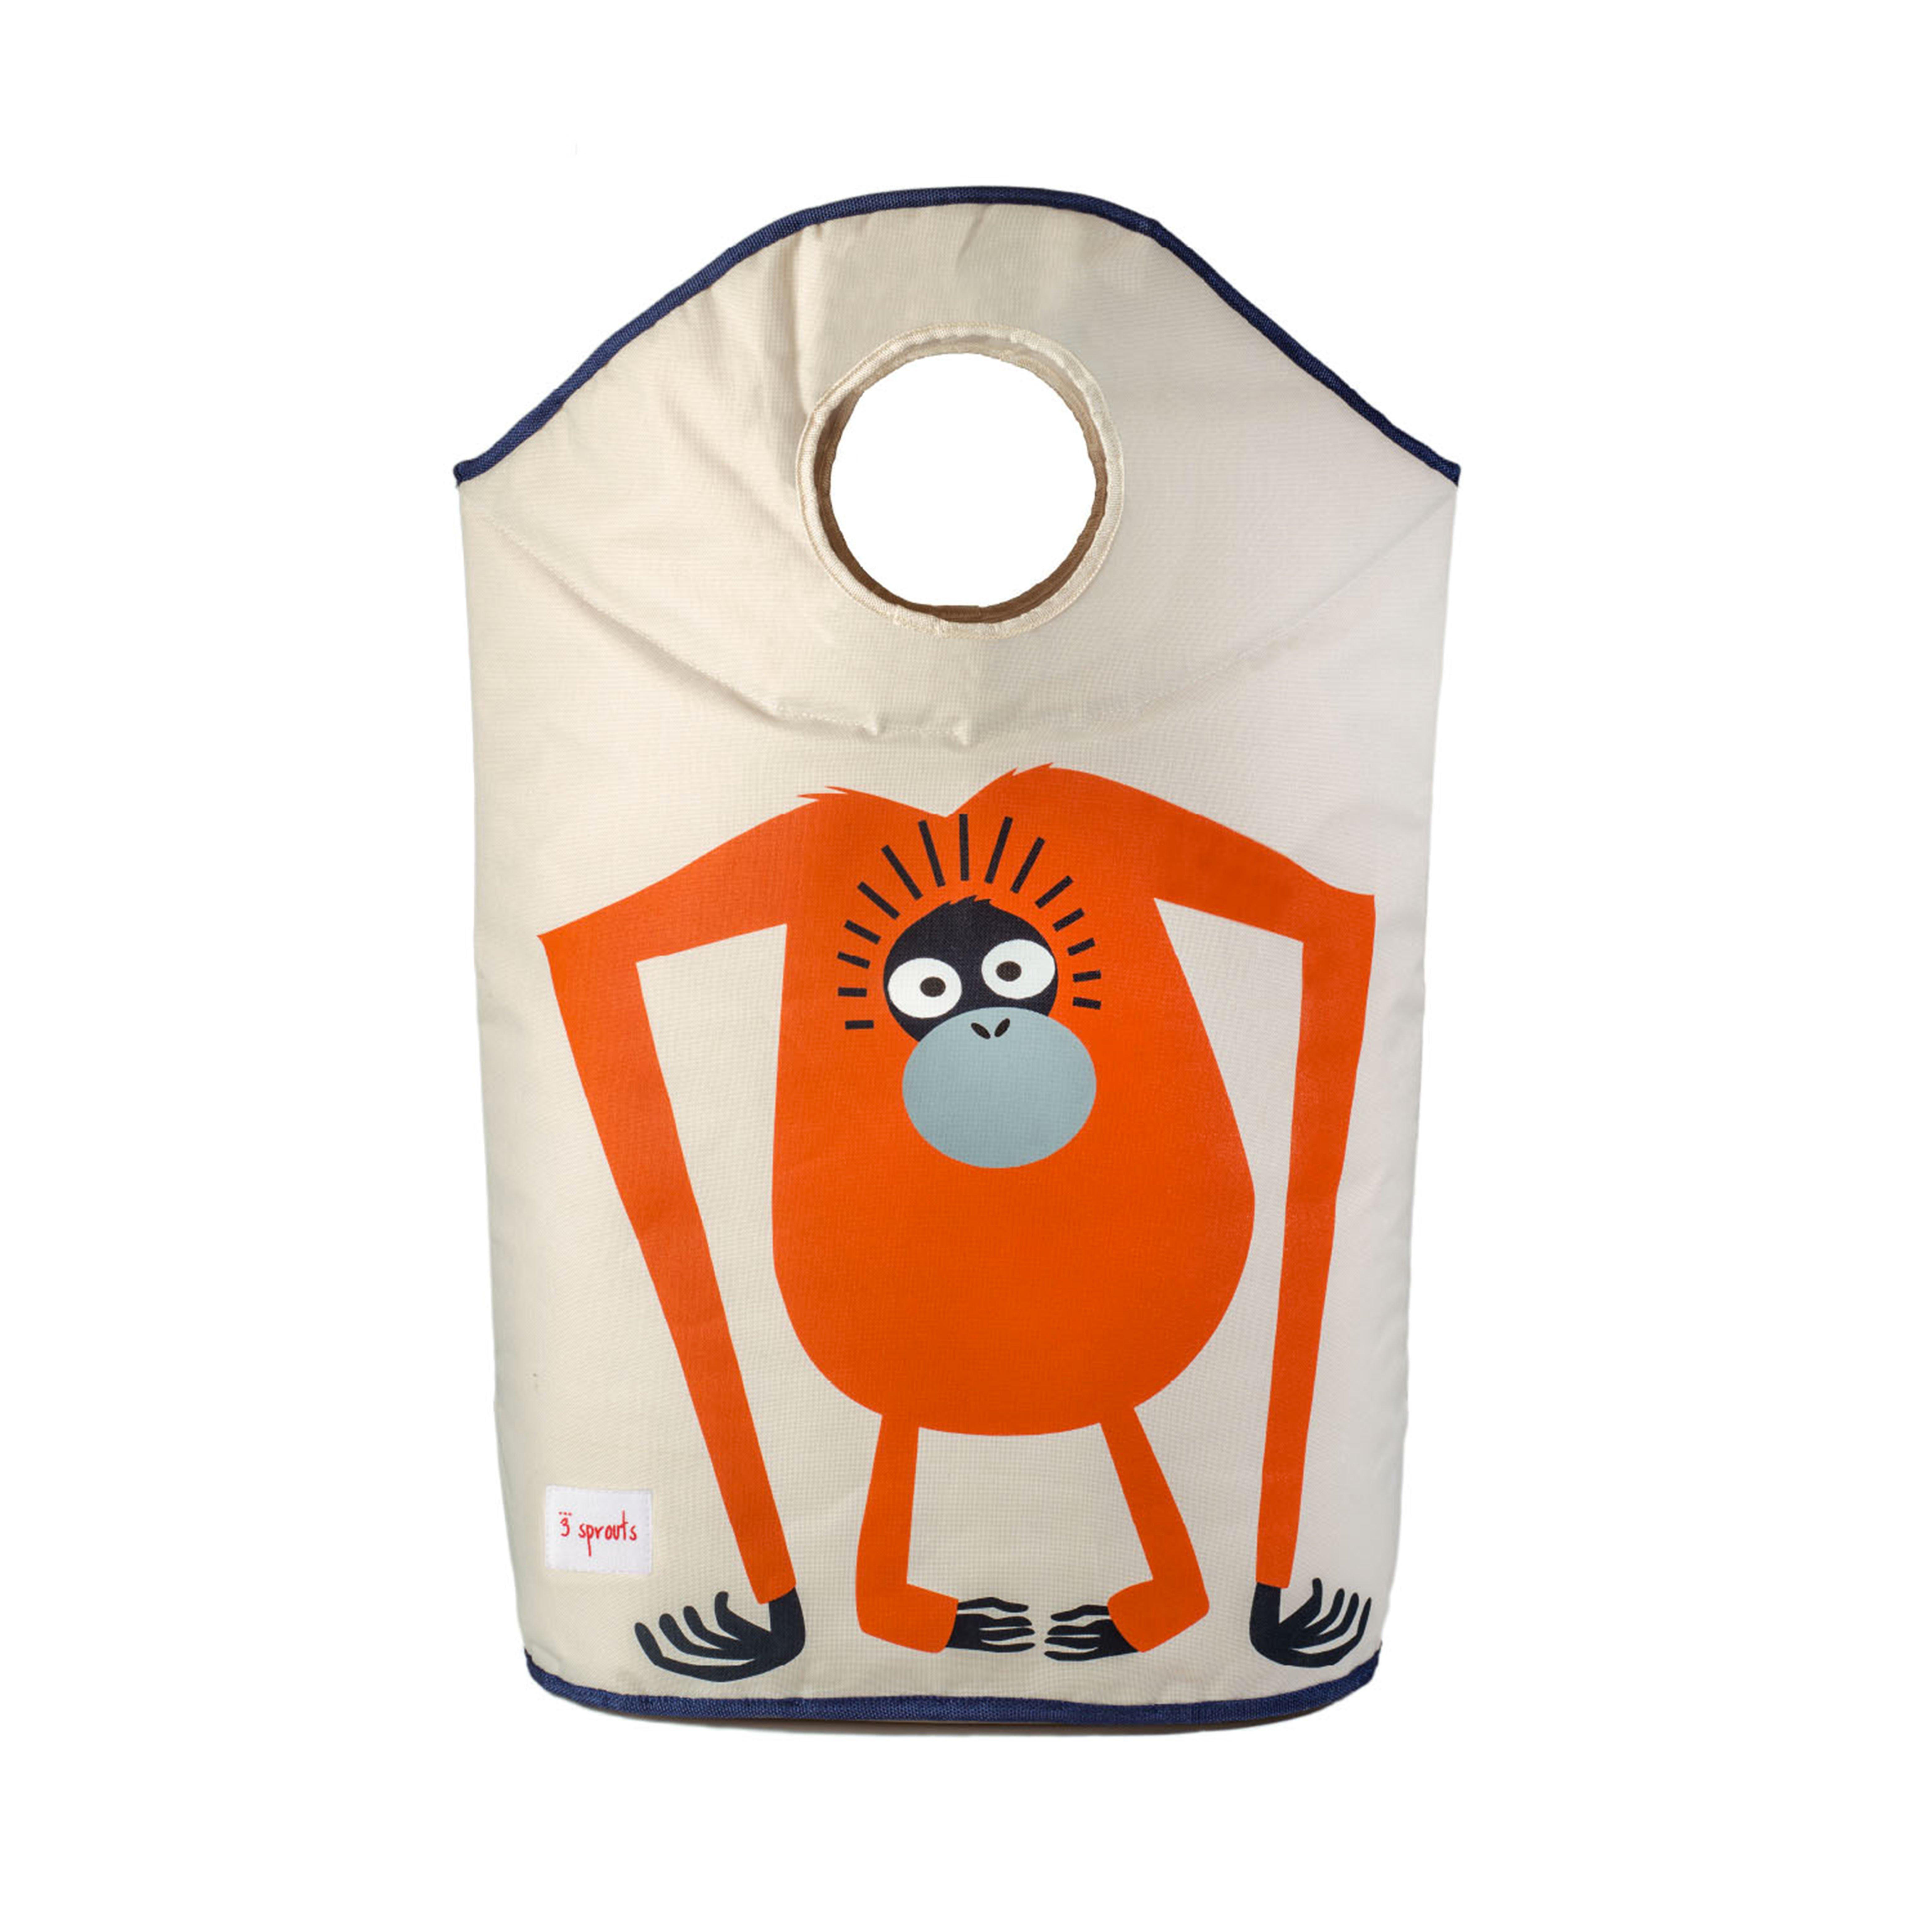 3 Sprouts - Laundry Hamper - Orange Orangutan